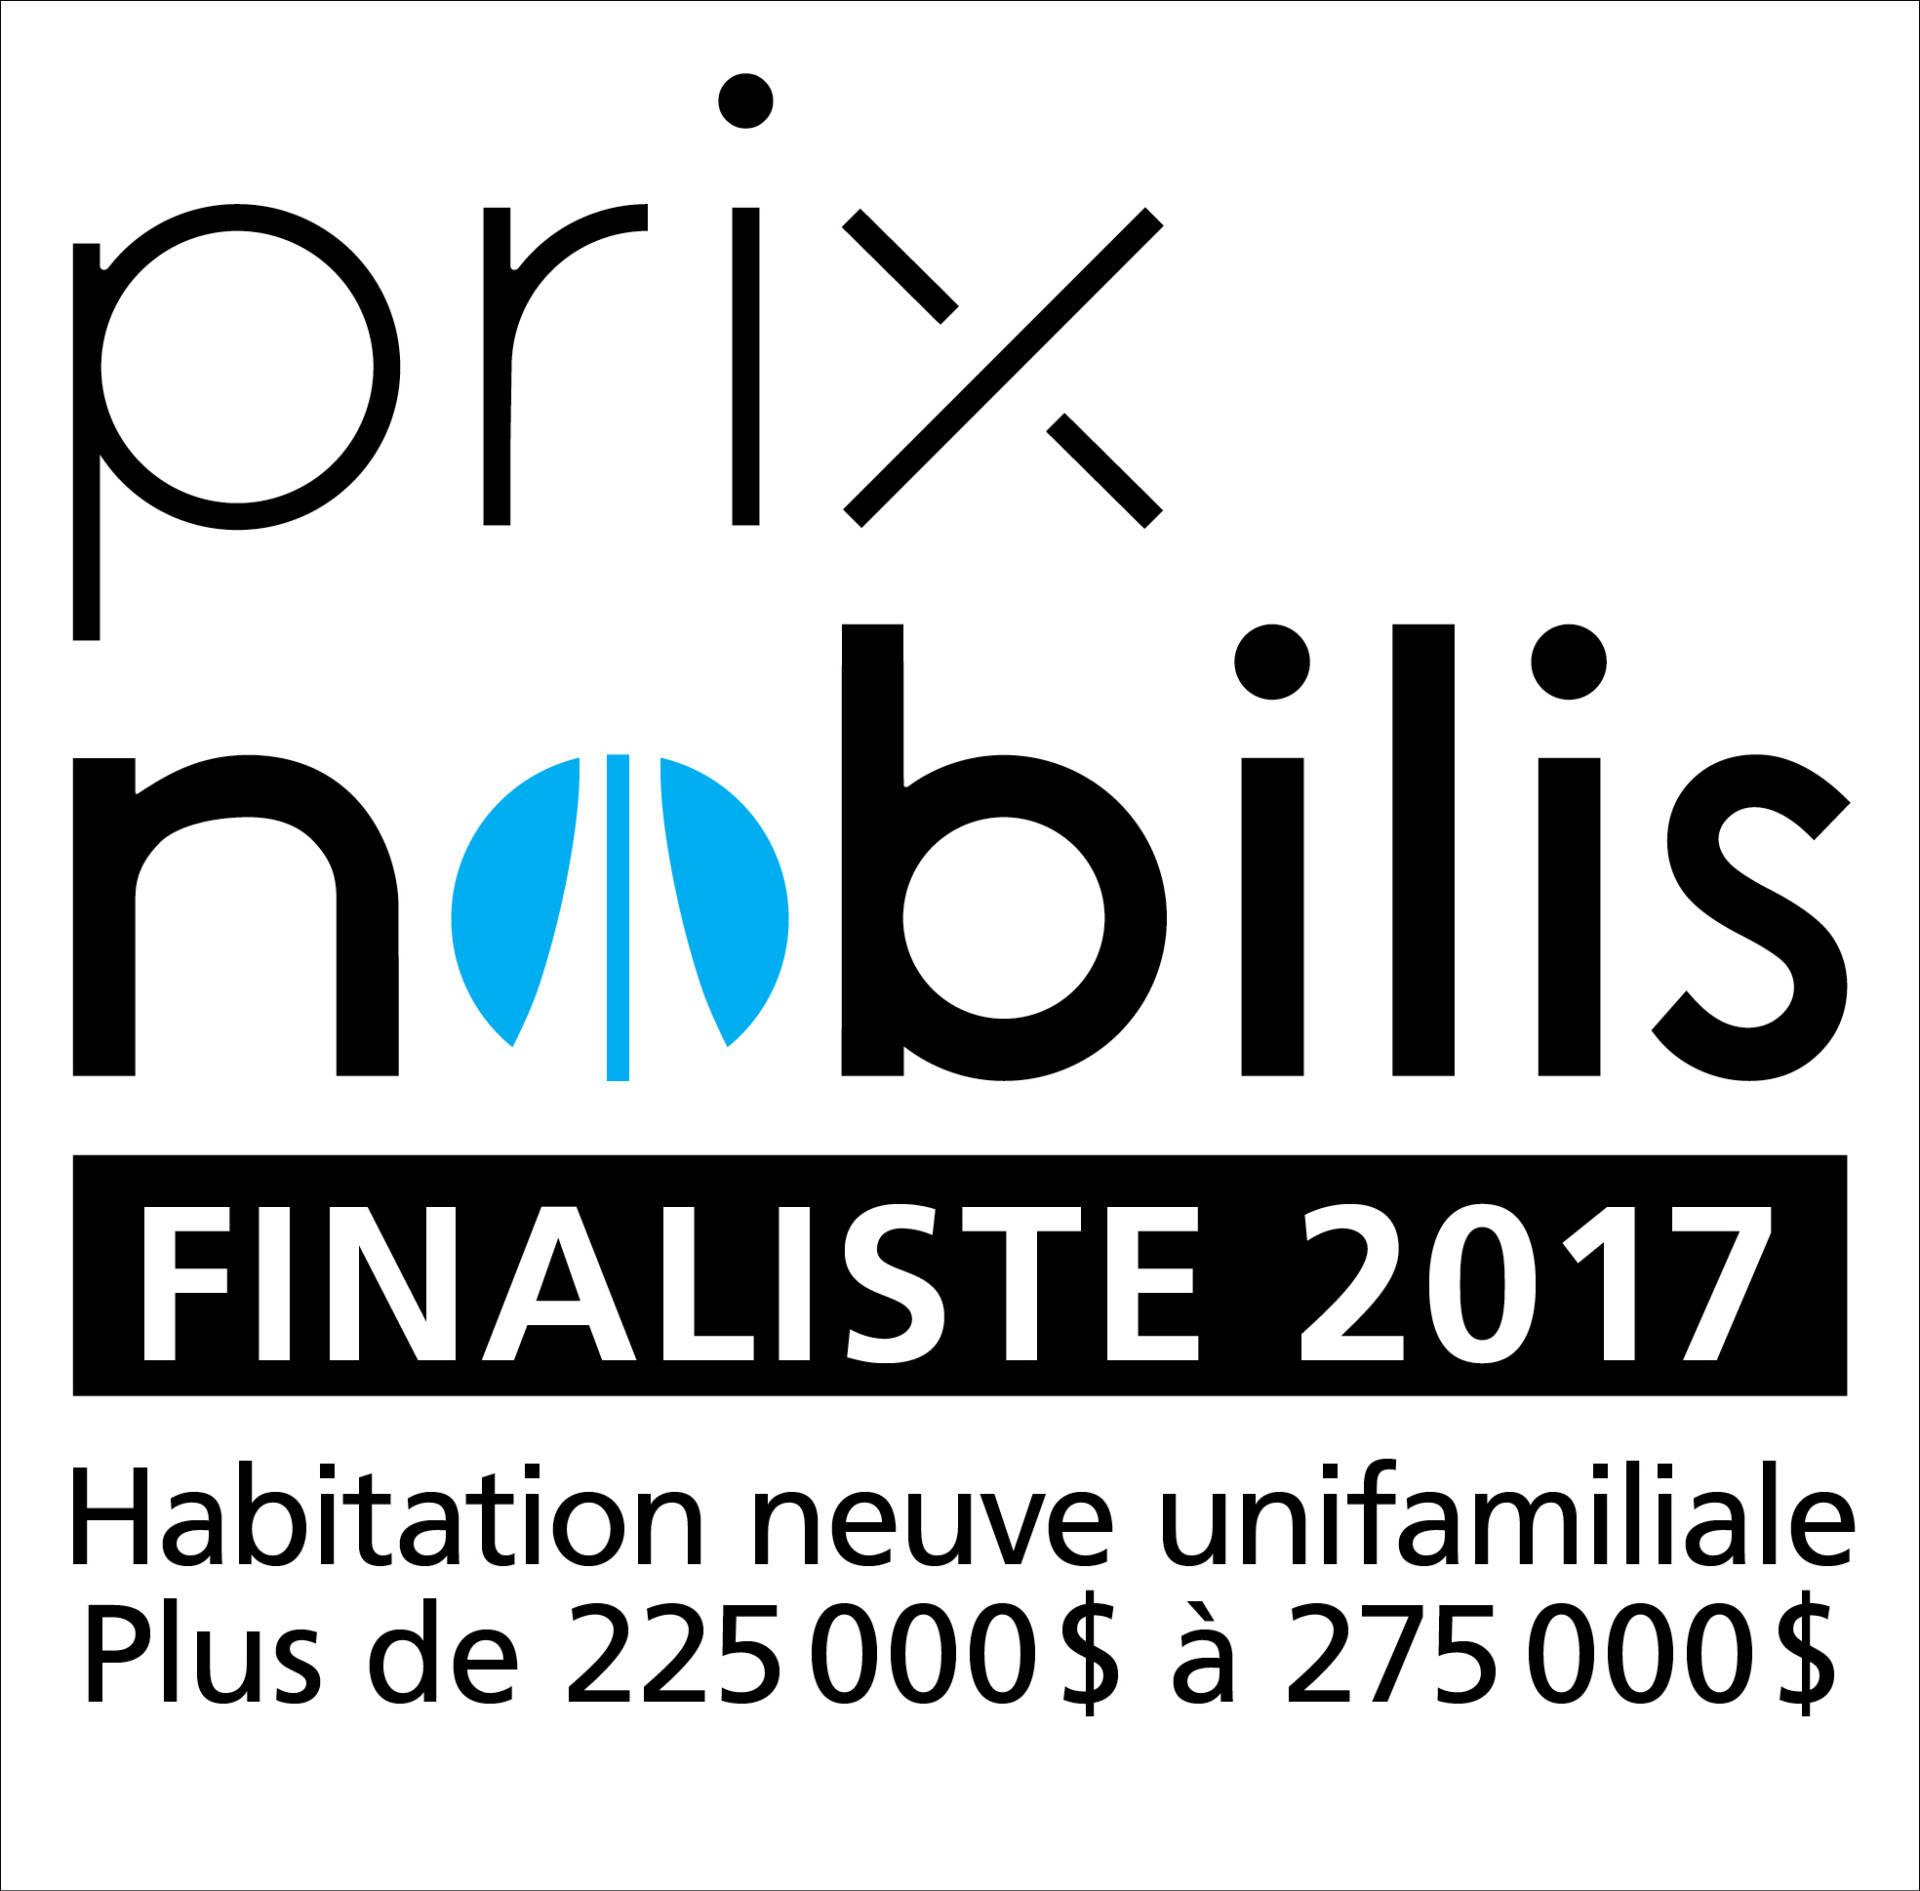 APCHQ - PrixNobilis 2017 - Habitation neuve unifamiliale - 225 000 $ à 275 000 $ - Modèle C-341